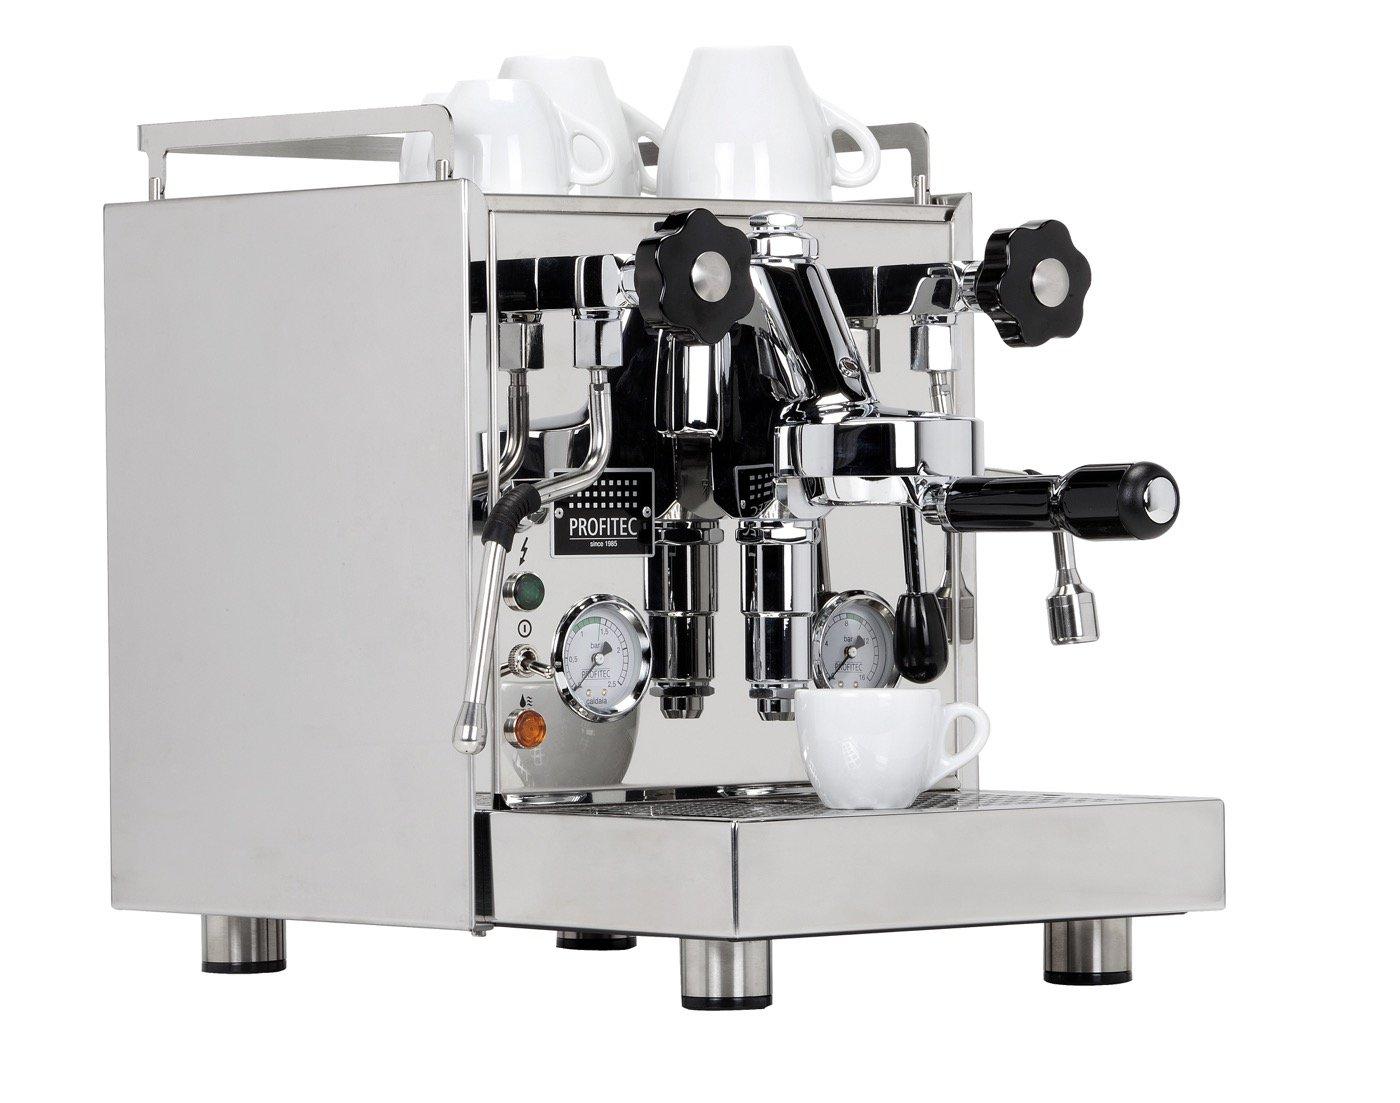 Profitec Pro 500 Espresso Machine by Profitec (Image #1)